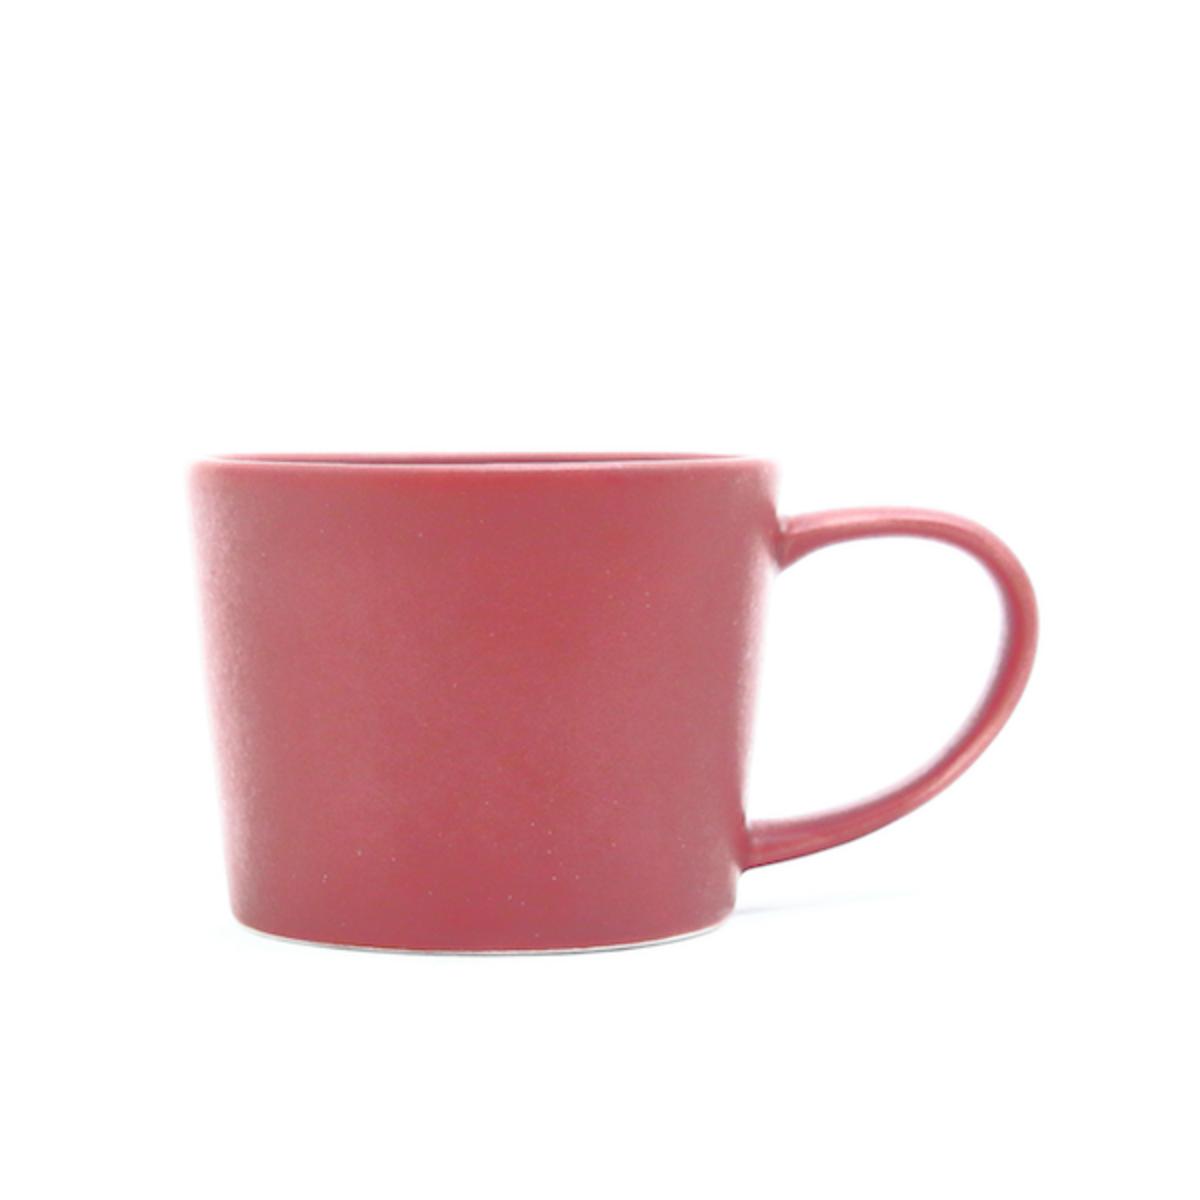 マグカップ SS ワインレッド 詳細画像1